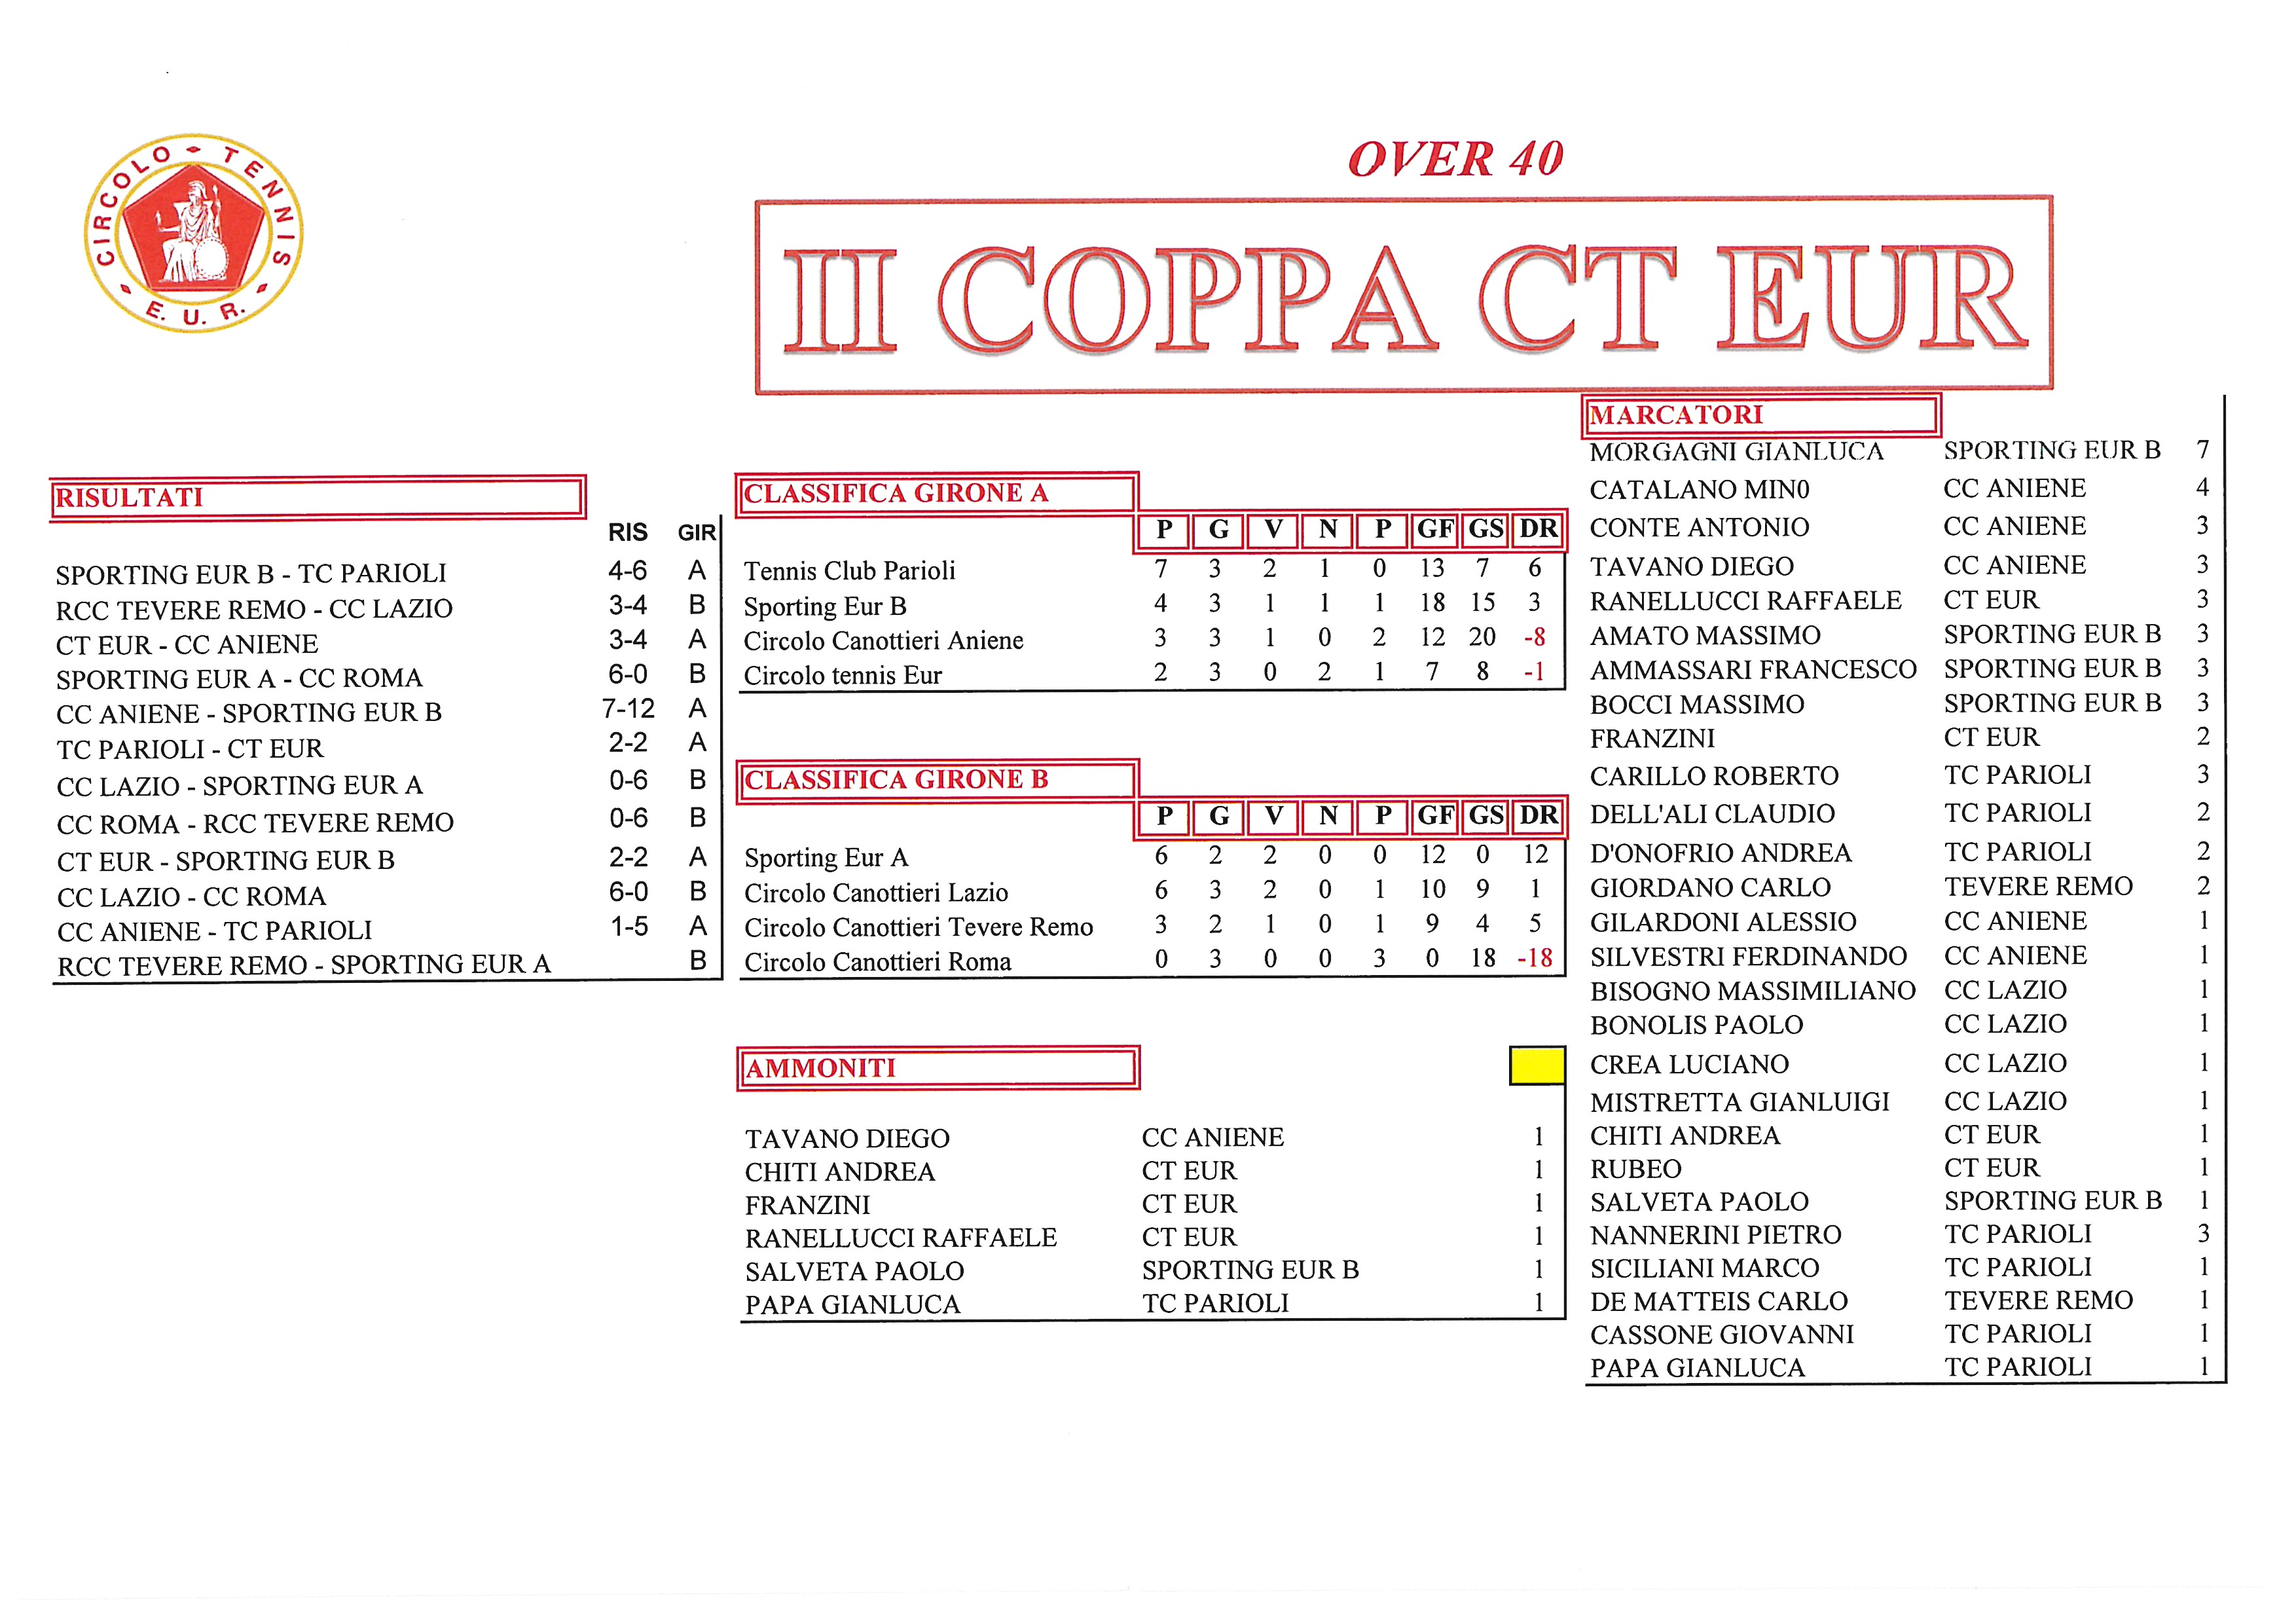 Coppa CT Eur risultati del 5 ottobre 2017 Over 40